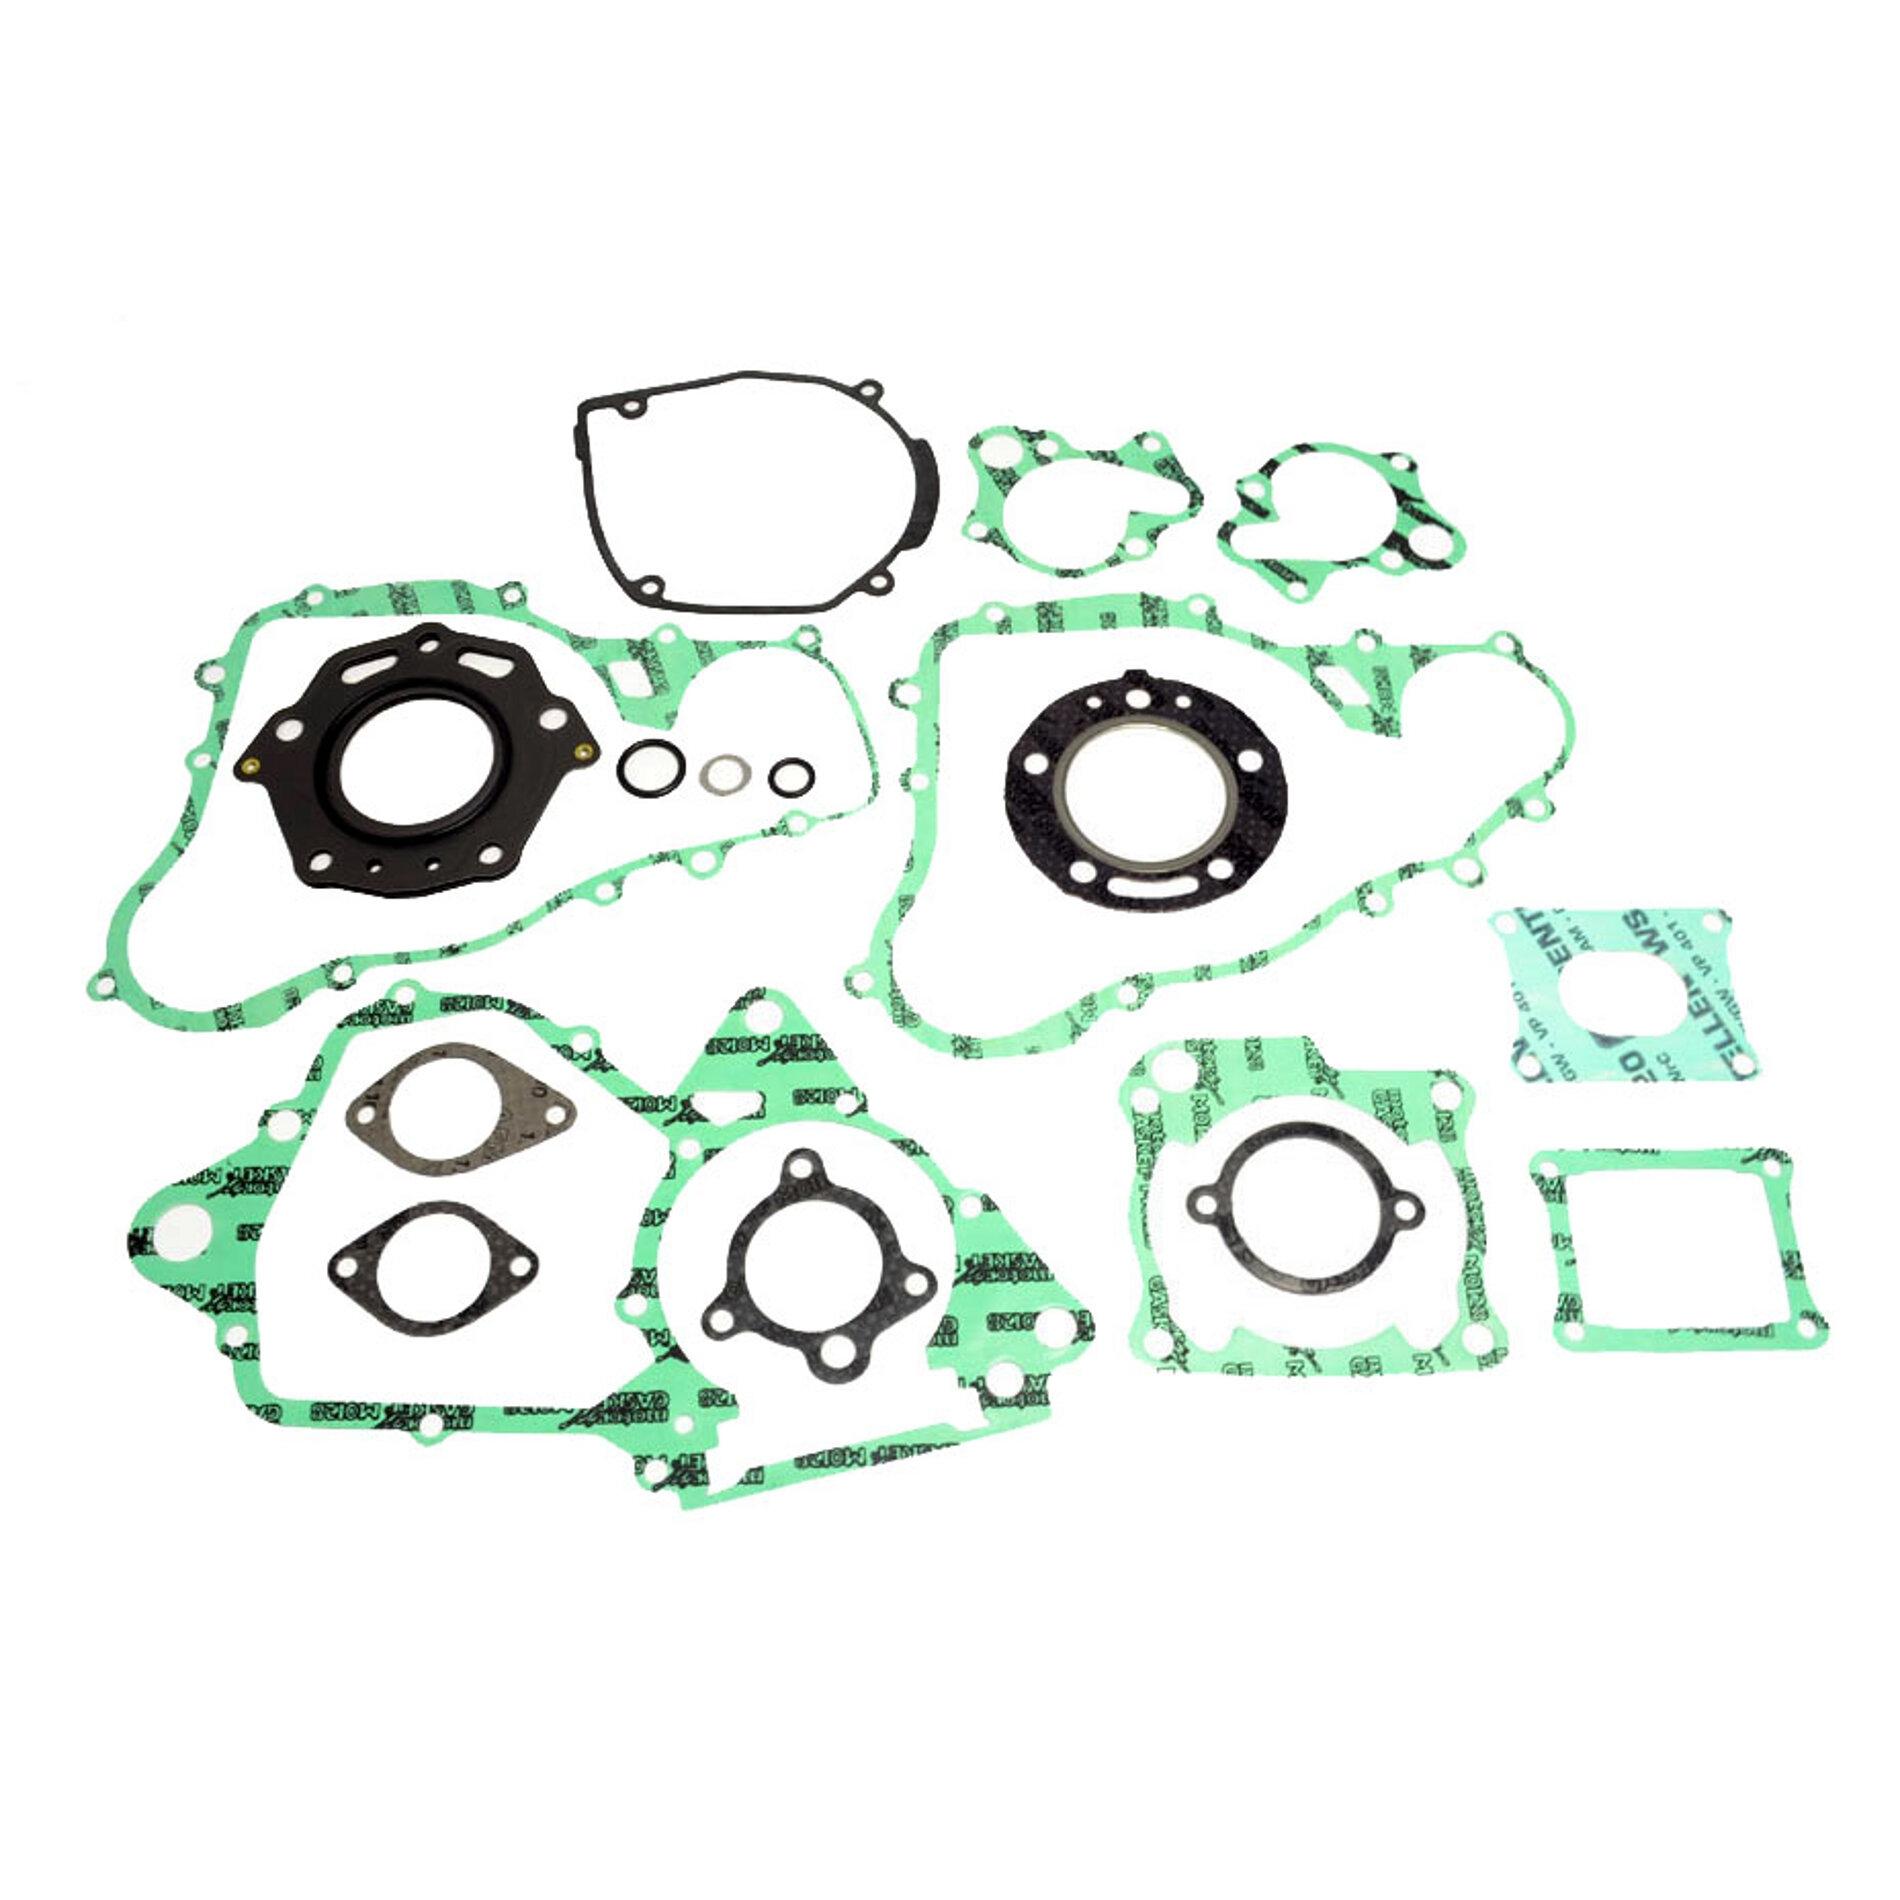 Kit joints moteur complet Athena pour Honda CR 125 R 84-86